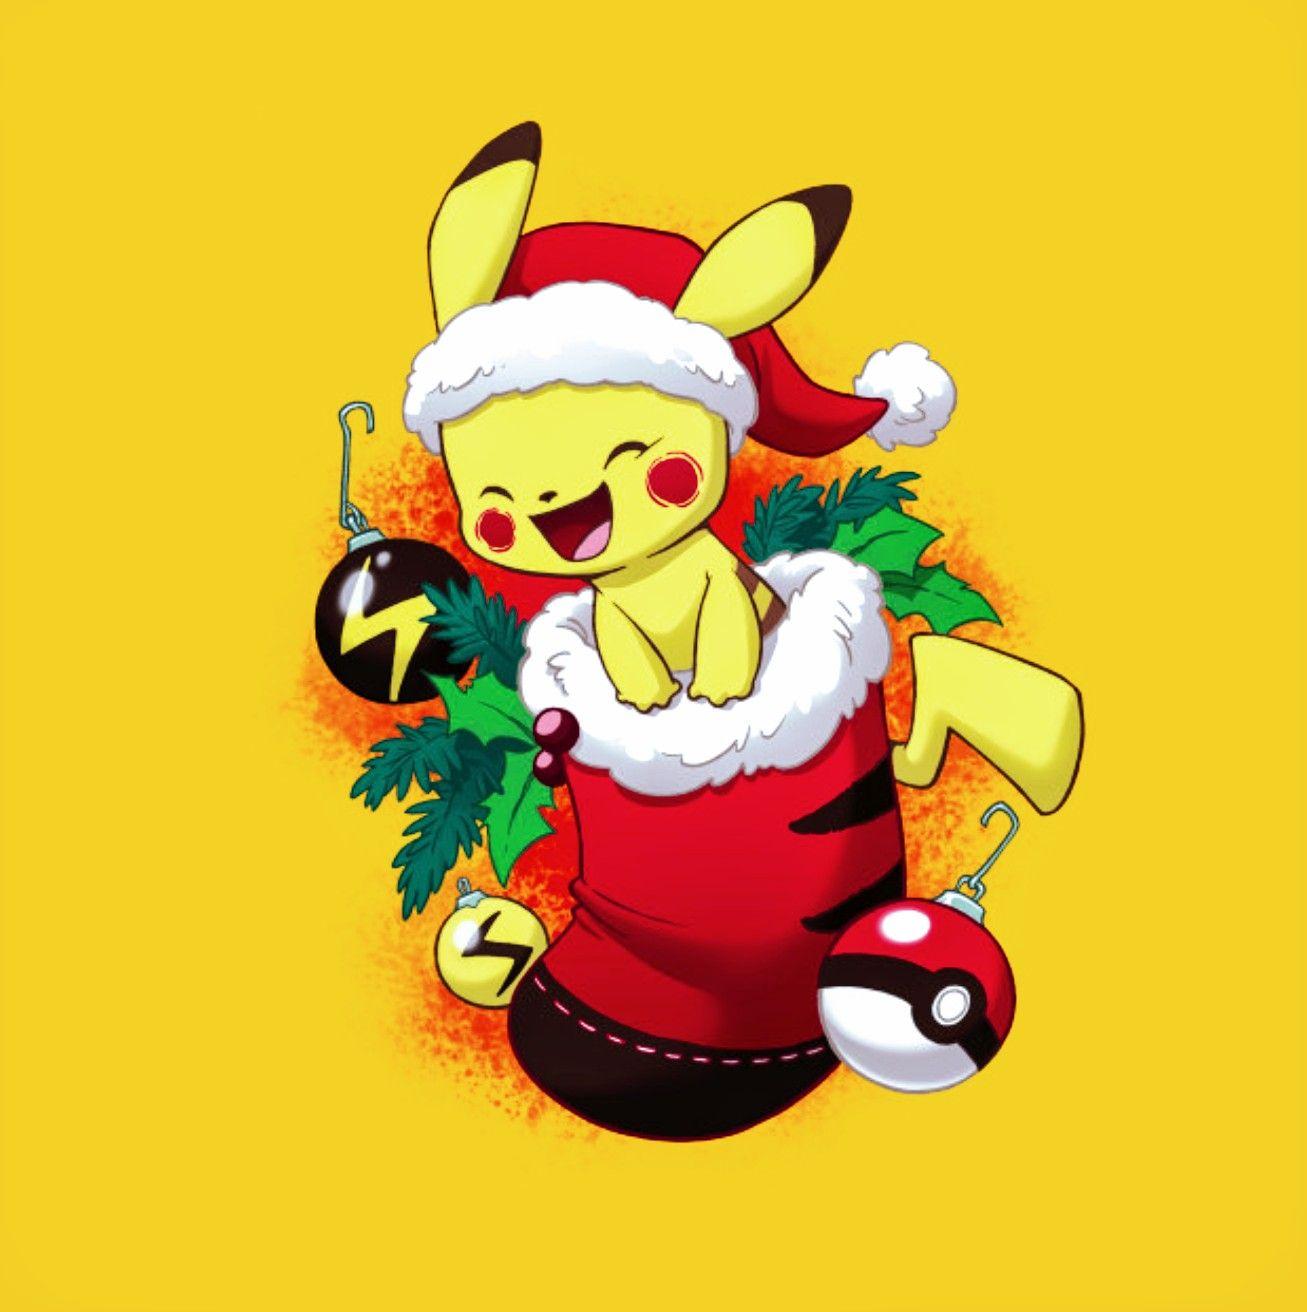 Pikachu Stocking Stuffer Pokemon Christmas Christmas Pokemon Cute Sketches Cute Pokemon